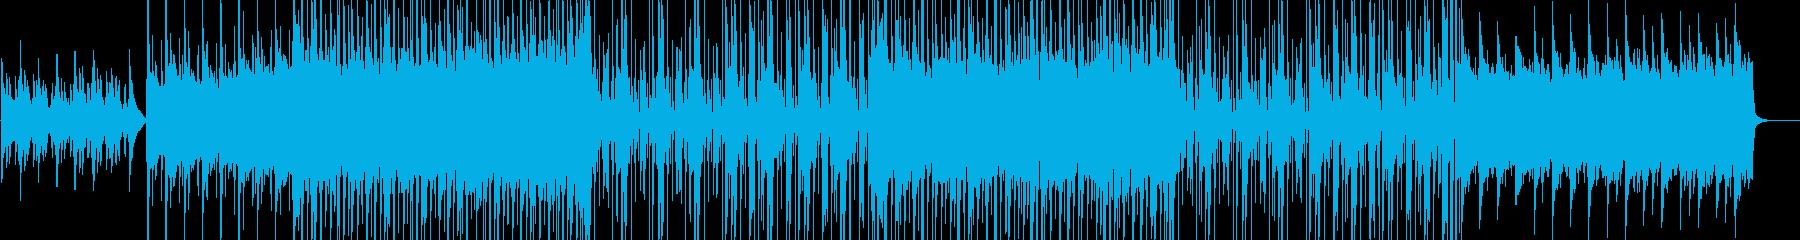 爽やか、ほのぼのポップスの再生済みの波形